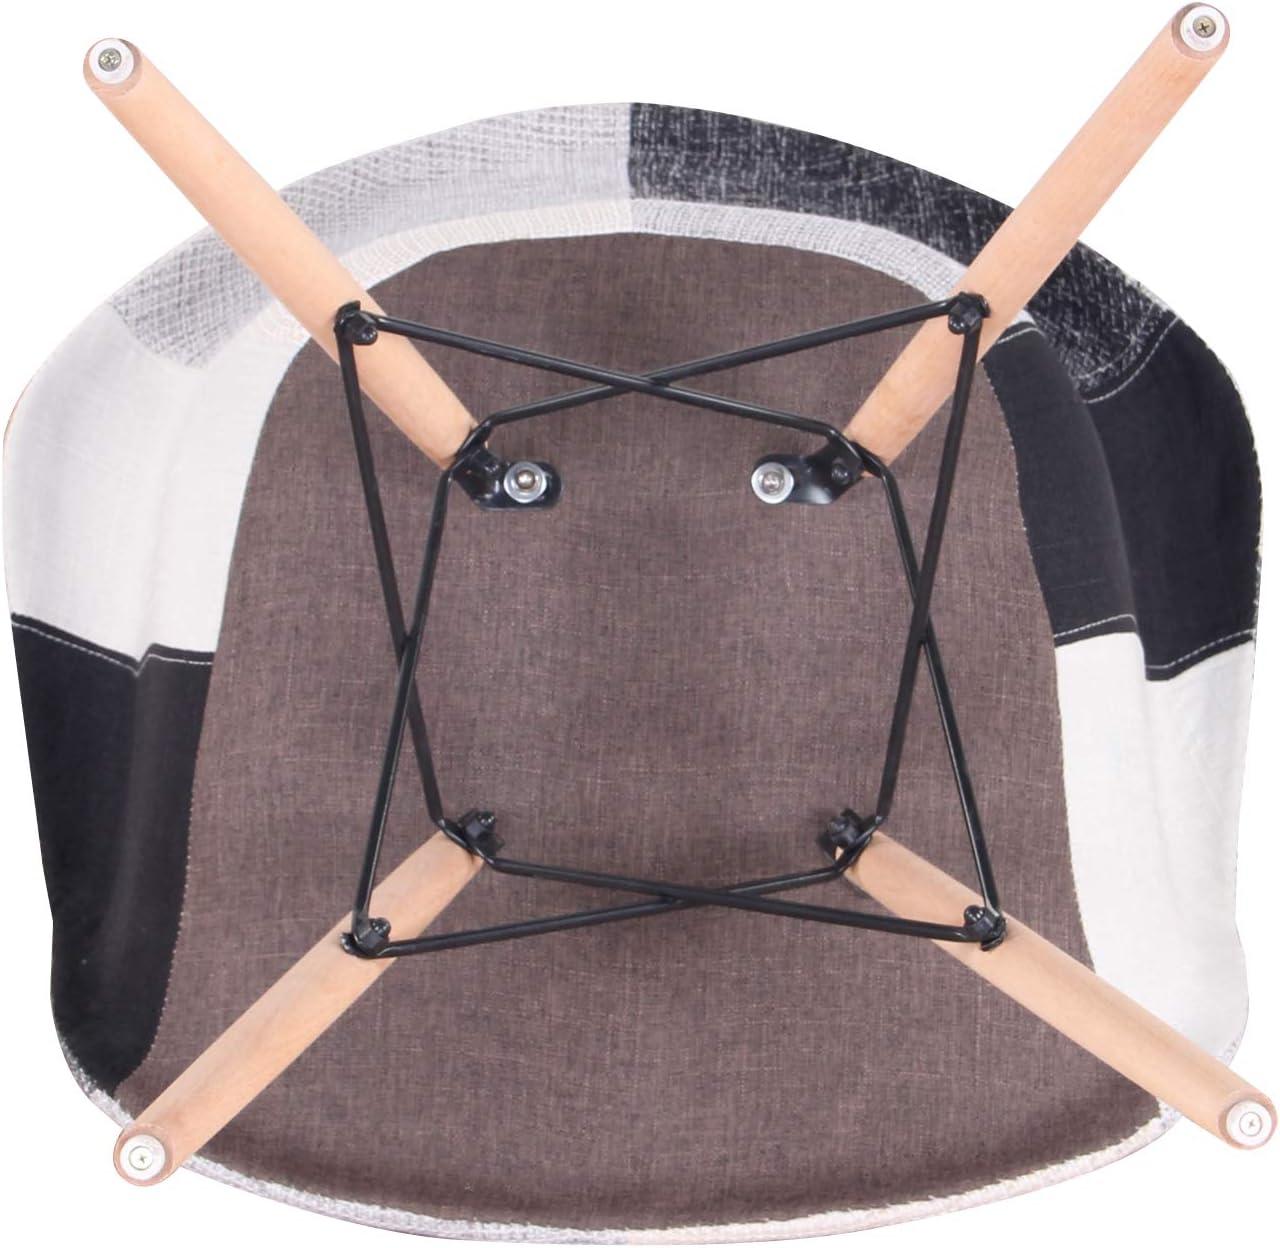 Fauteuil Patchwork Salle /à Manger, Convient au Salon Chaise de r/éception Chaise de Style Nordique EGOONM Lot de 2 chaises Chaise de Salle /à Manger Jaune